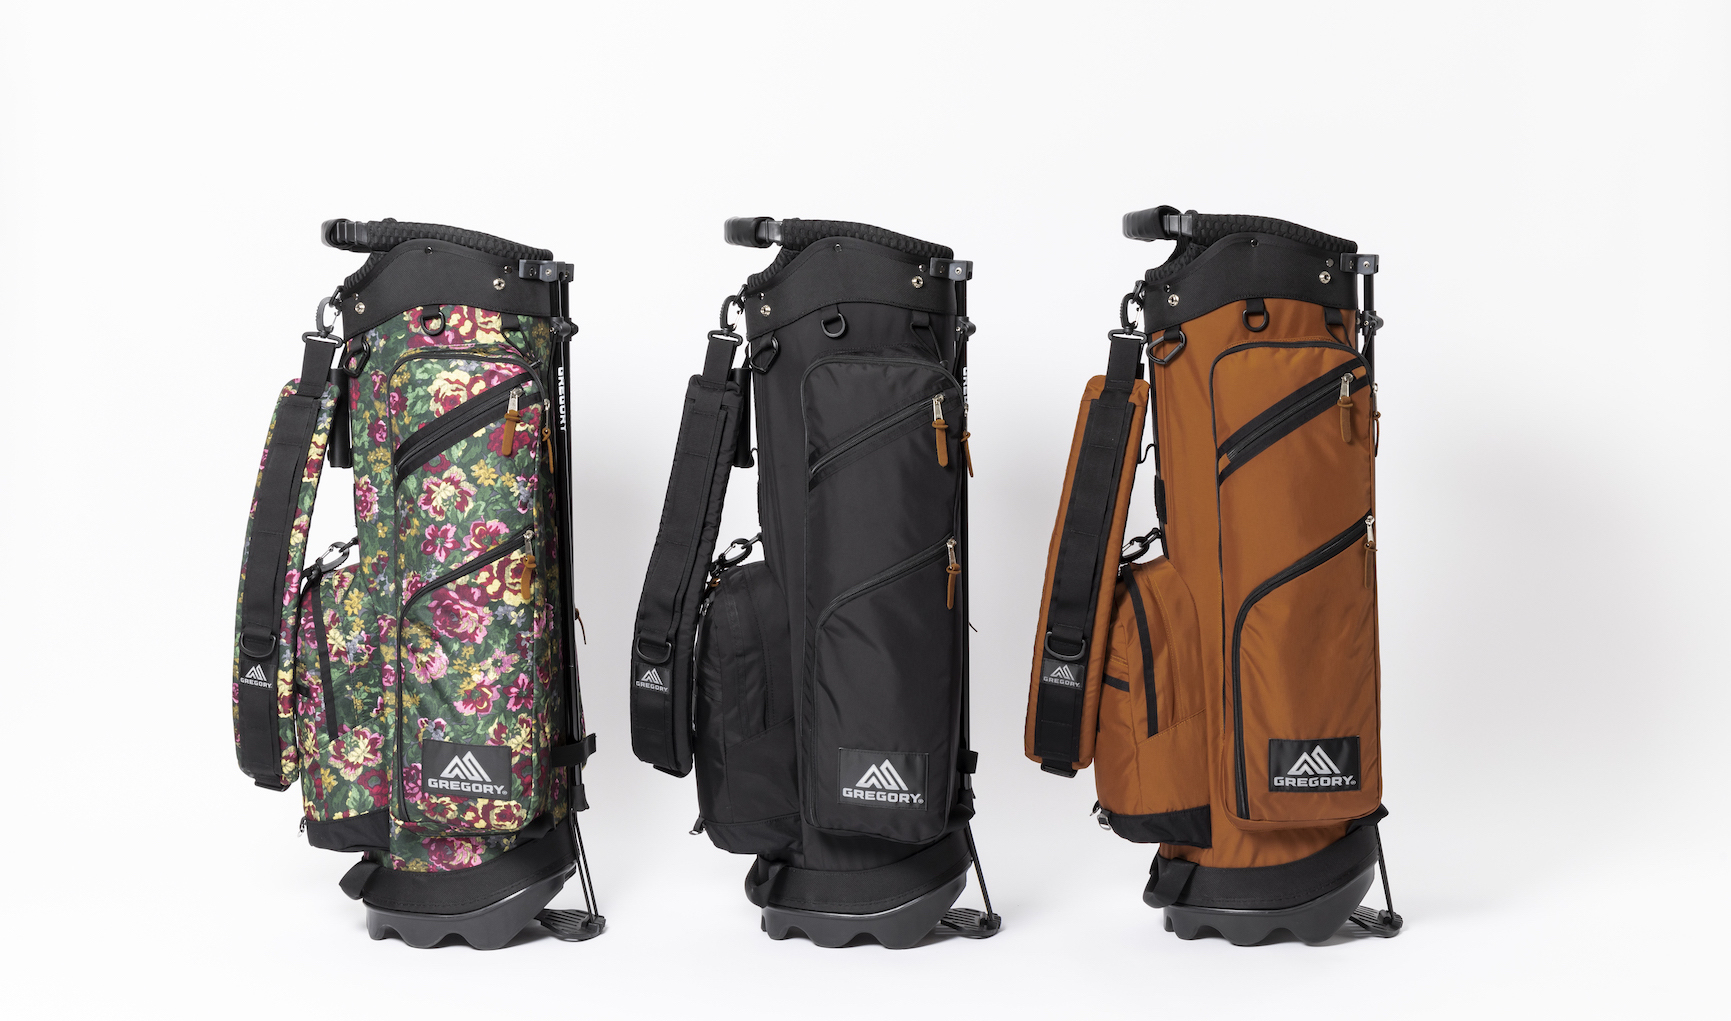 GREGORYにゴルフカテゴリー新登場 限定カラーなども発売